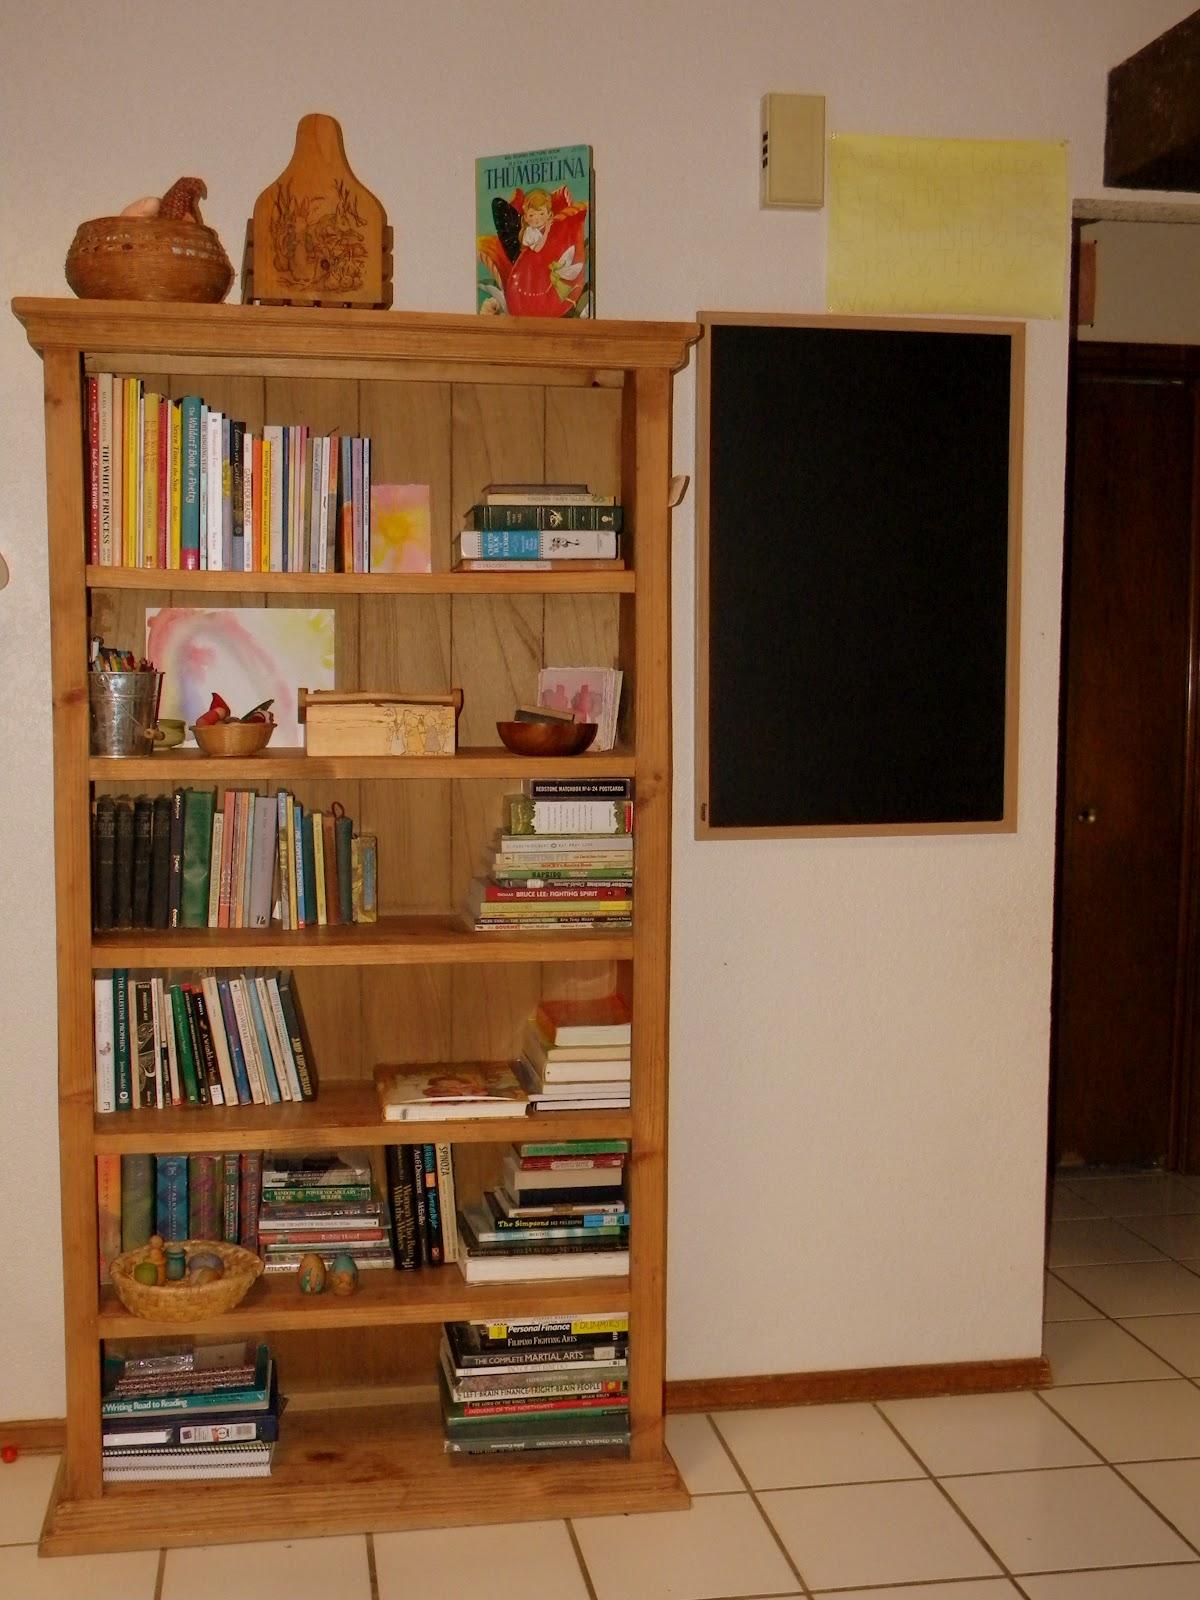 Bookshelf Designs For Home Inside Bookshelves Designs For Home (#7 of 15)